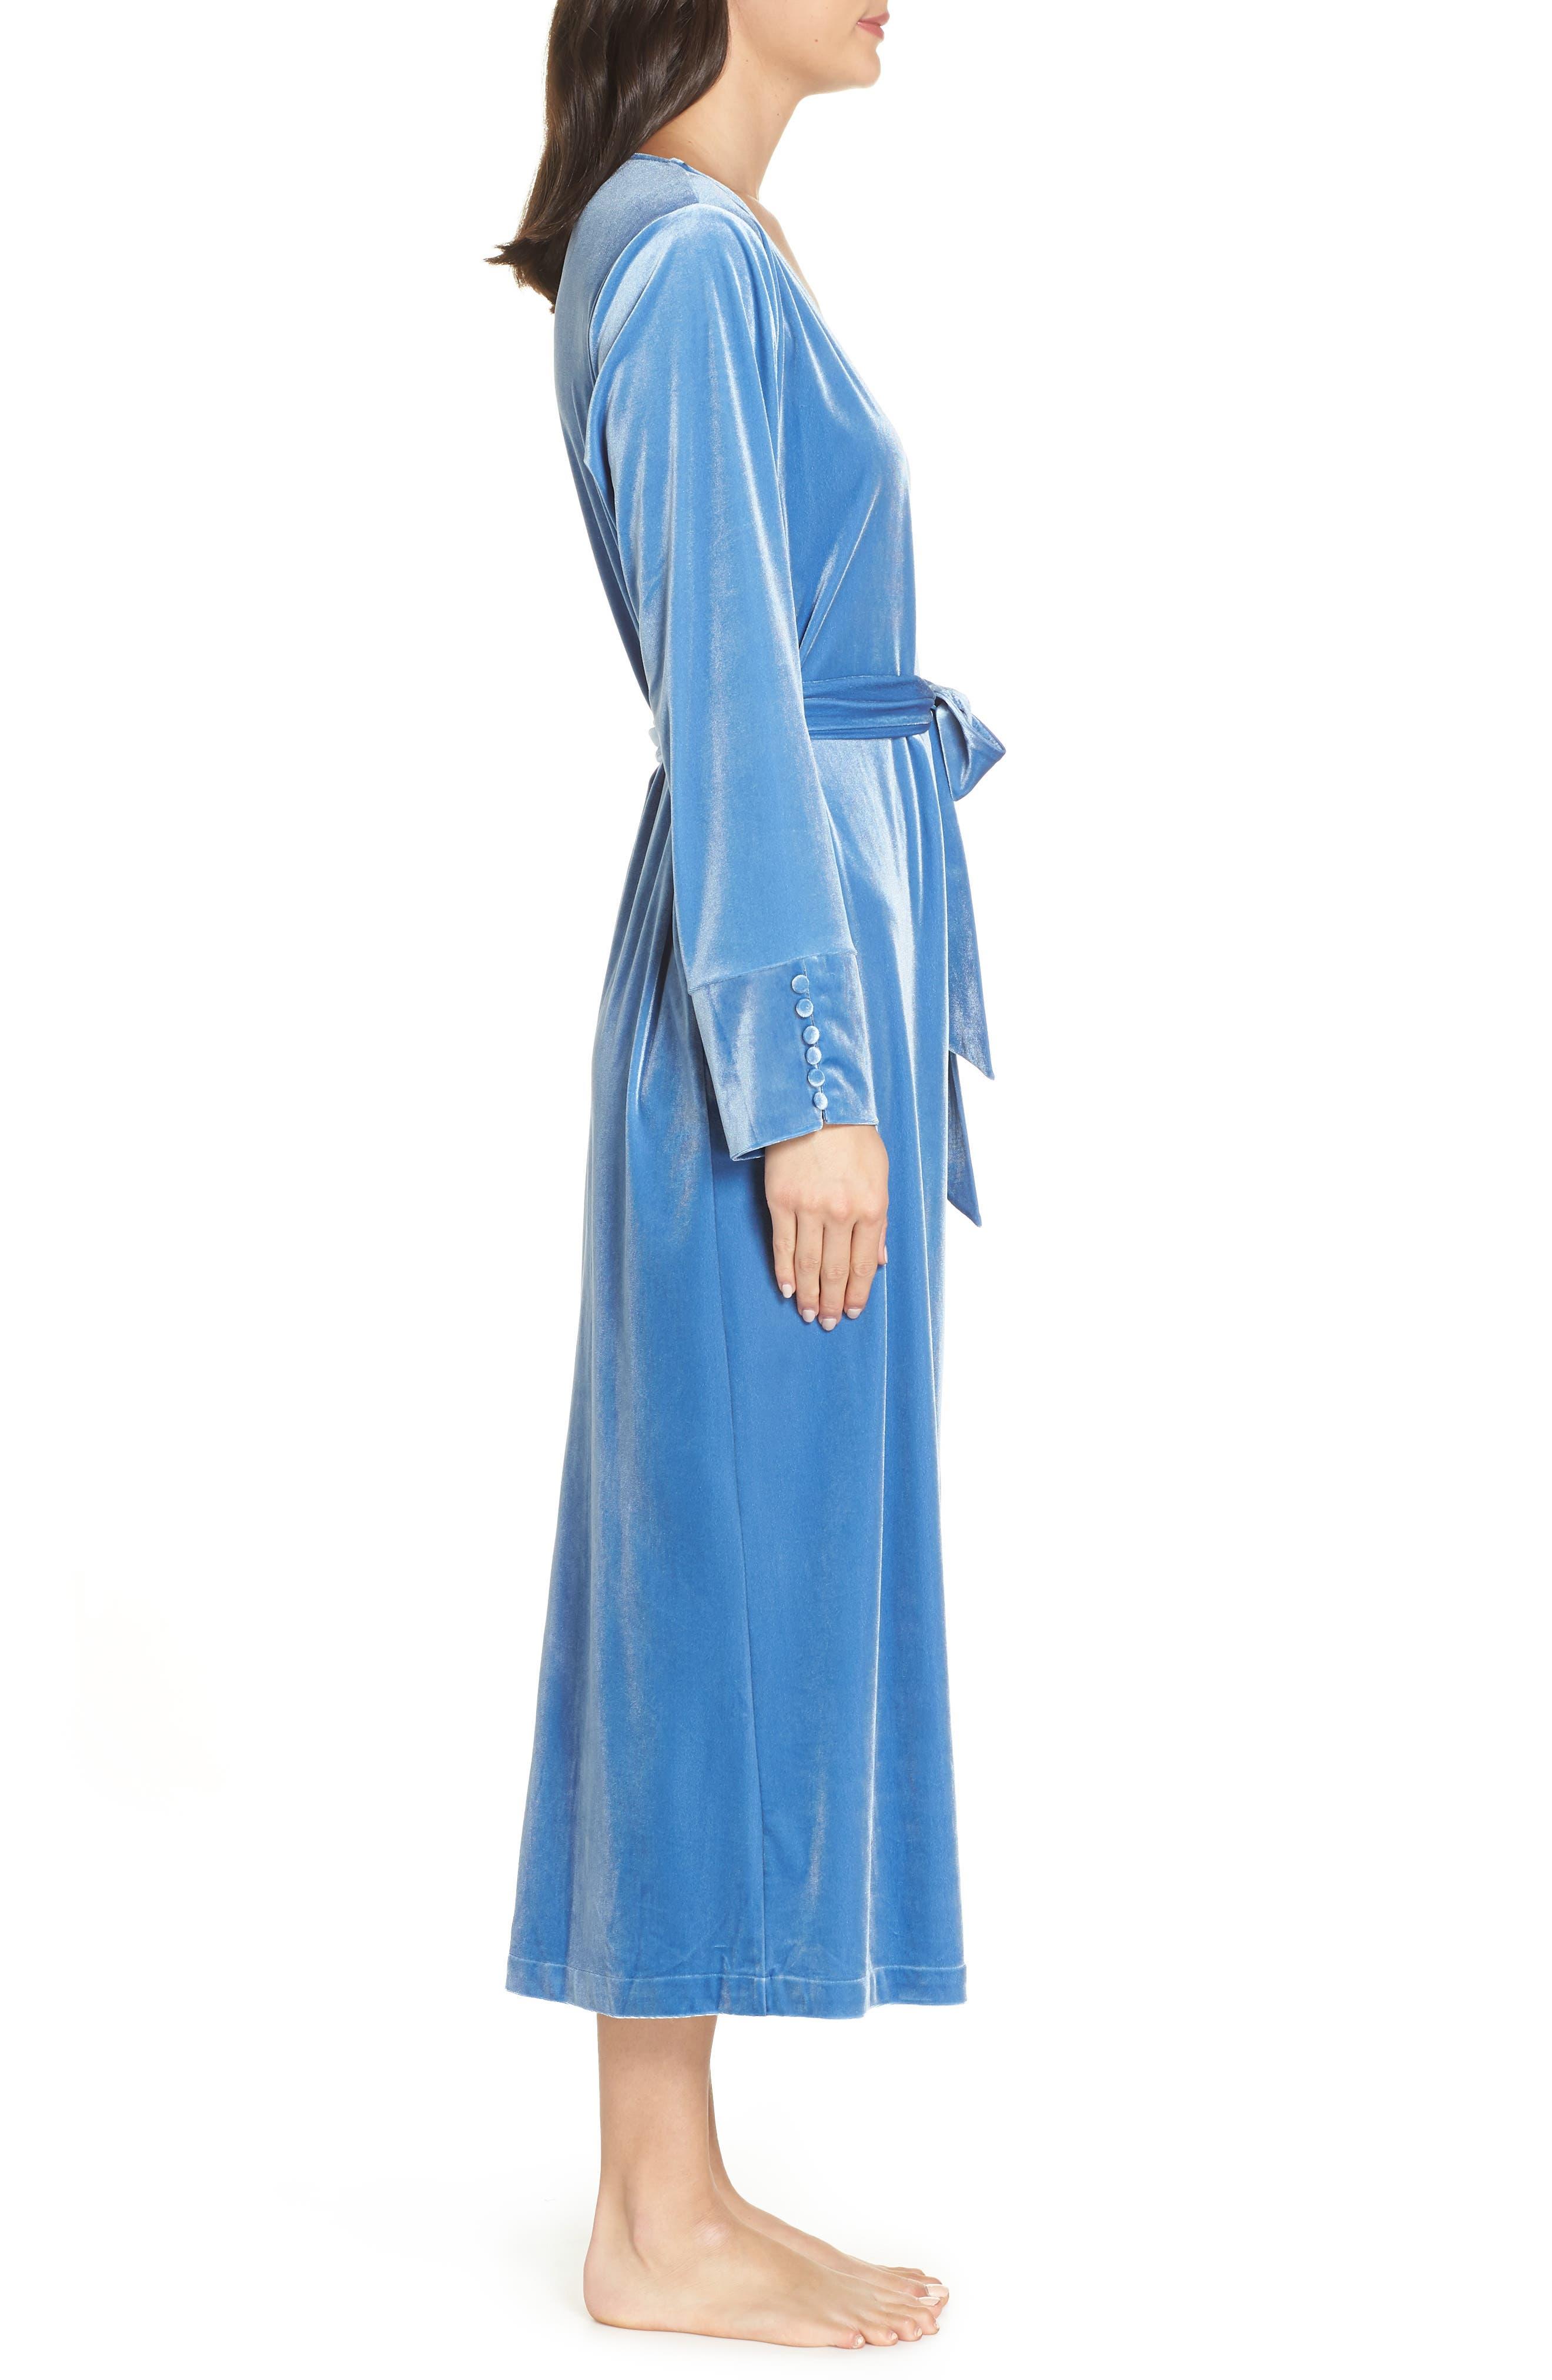 Dream Away Velour Robe,                             Alternate thumbnail 3, color,                             BLUE DELFT